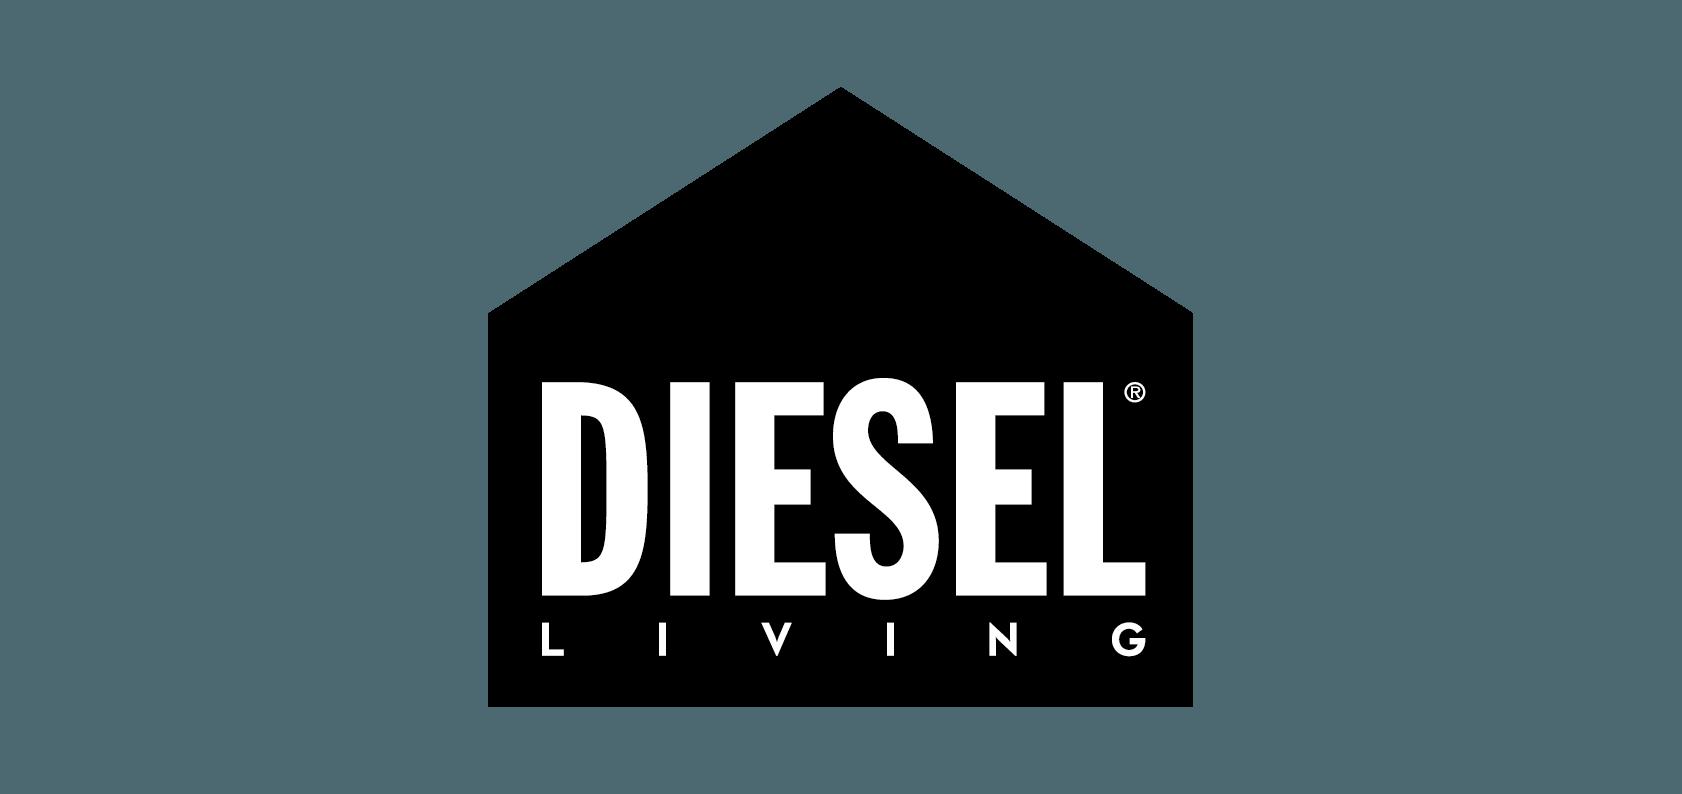 23 - diesel living